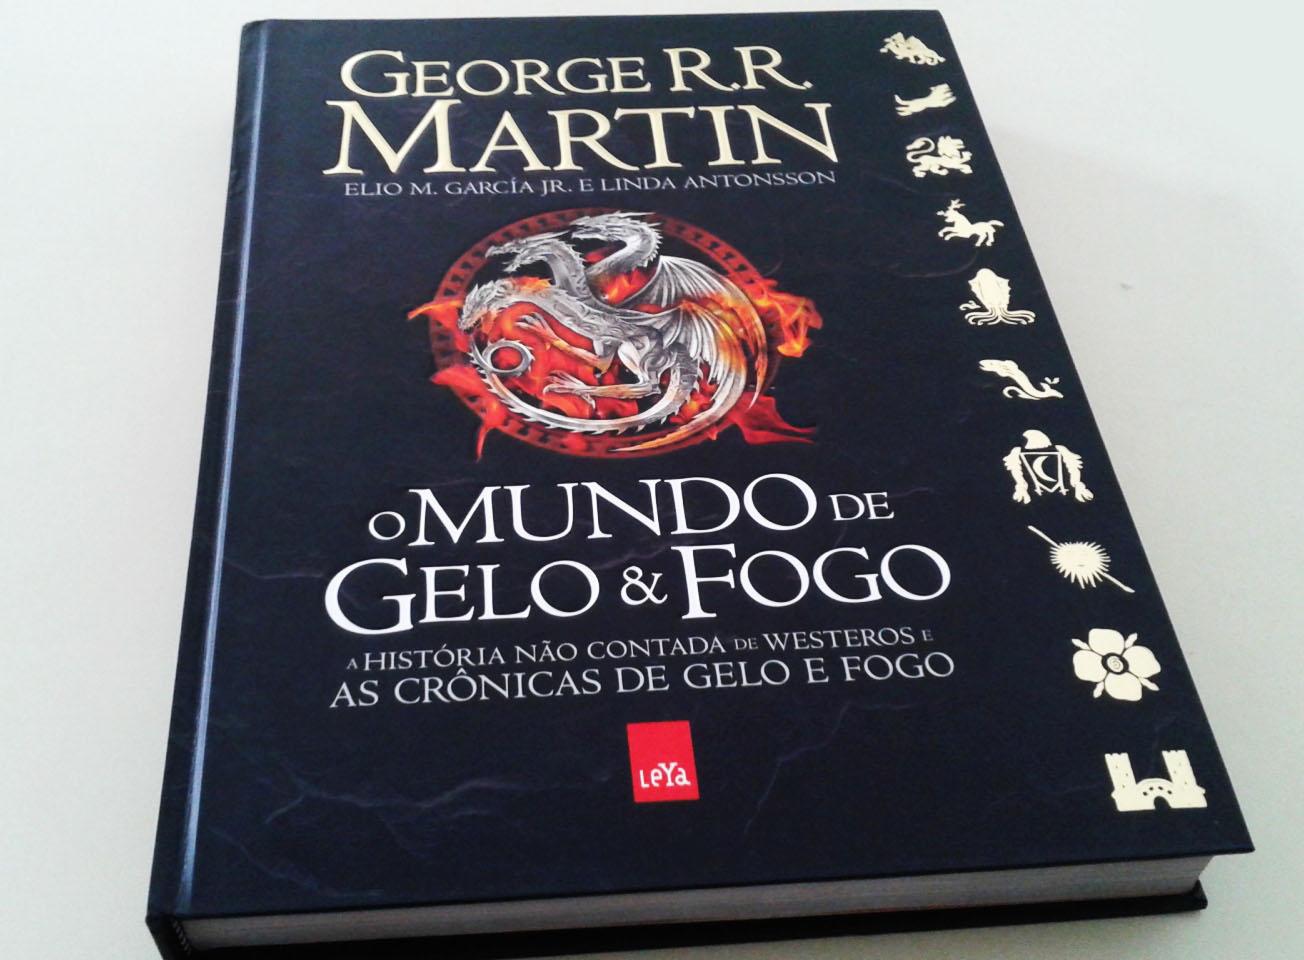 30a410367 Eu adoro livros ilustrados e como sou apaixonado pelo universo de Martin